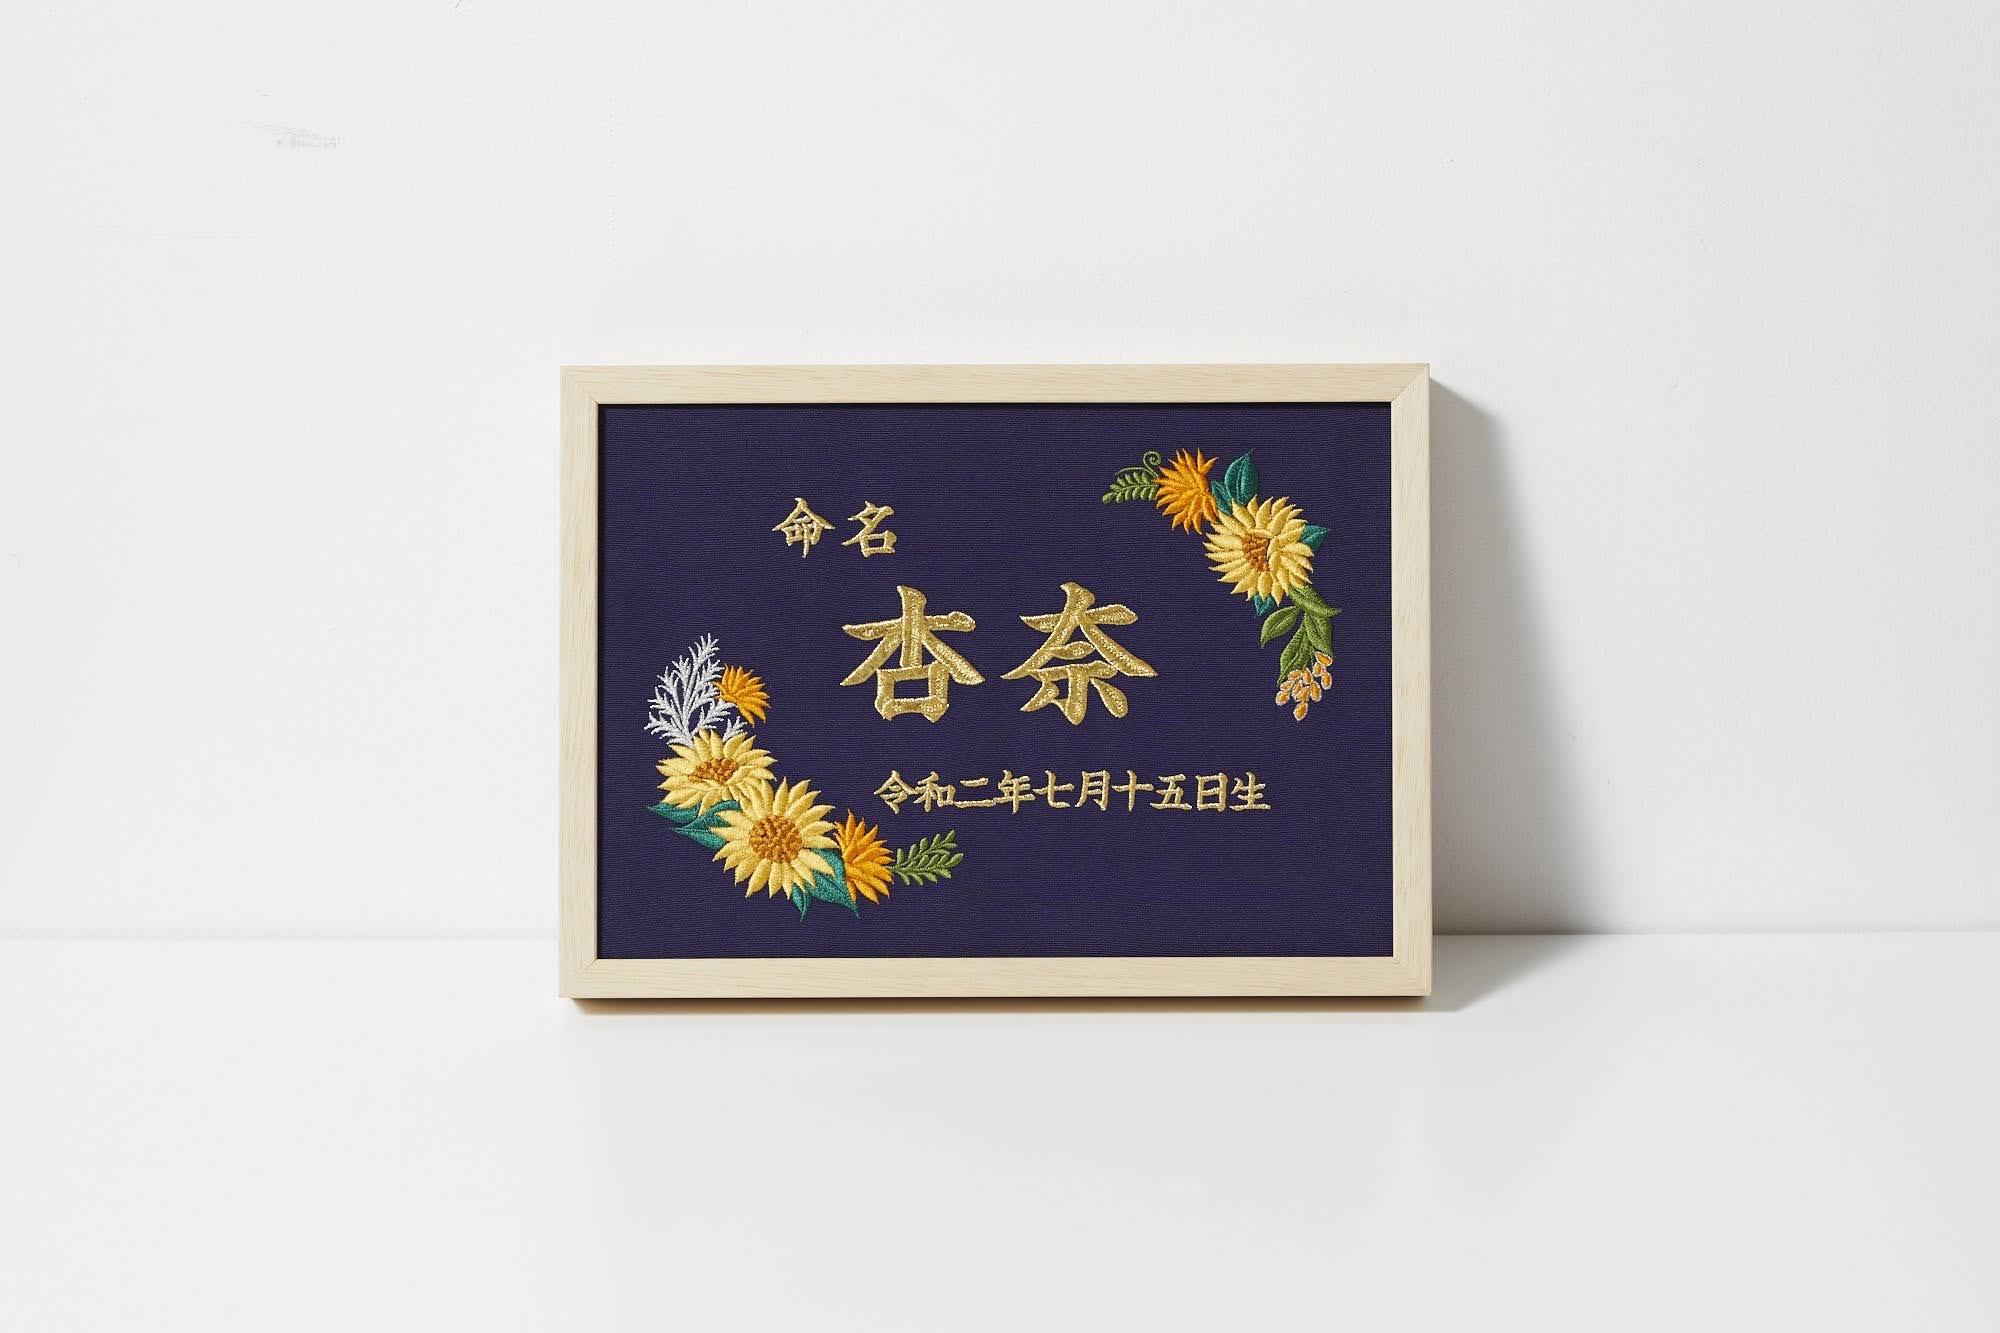 豪華刺繍の命名額(ひまわり)A4サイズ 命名書